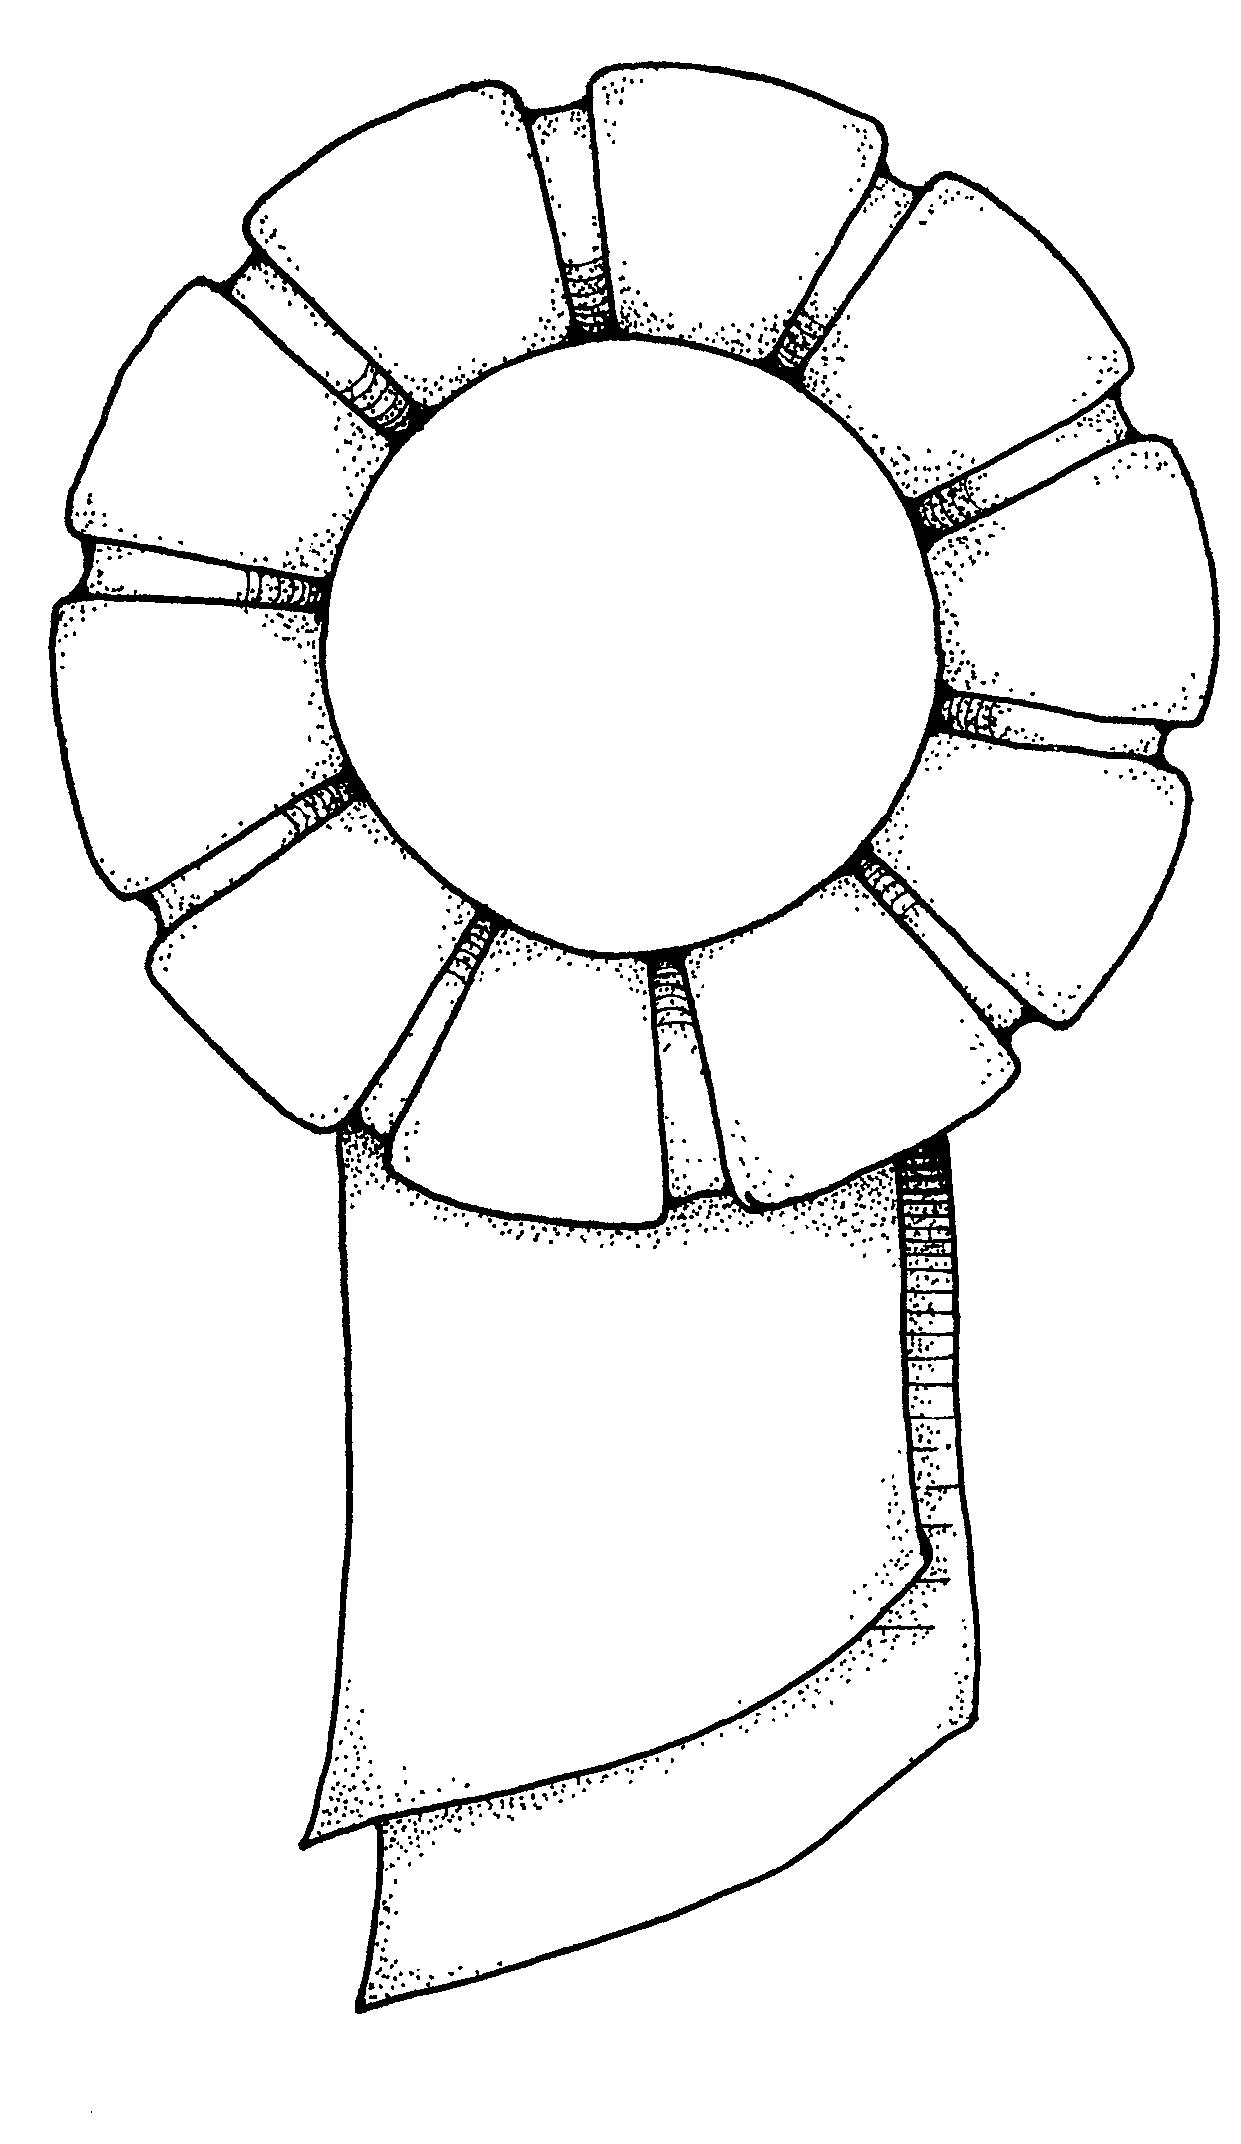 Award Ribbon Printable | Clipart Panda - Free Clipart Images - Free Printable Ribbons